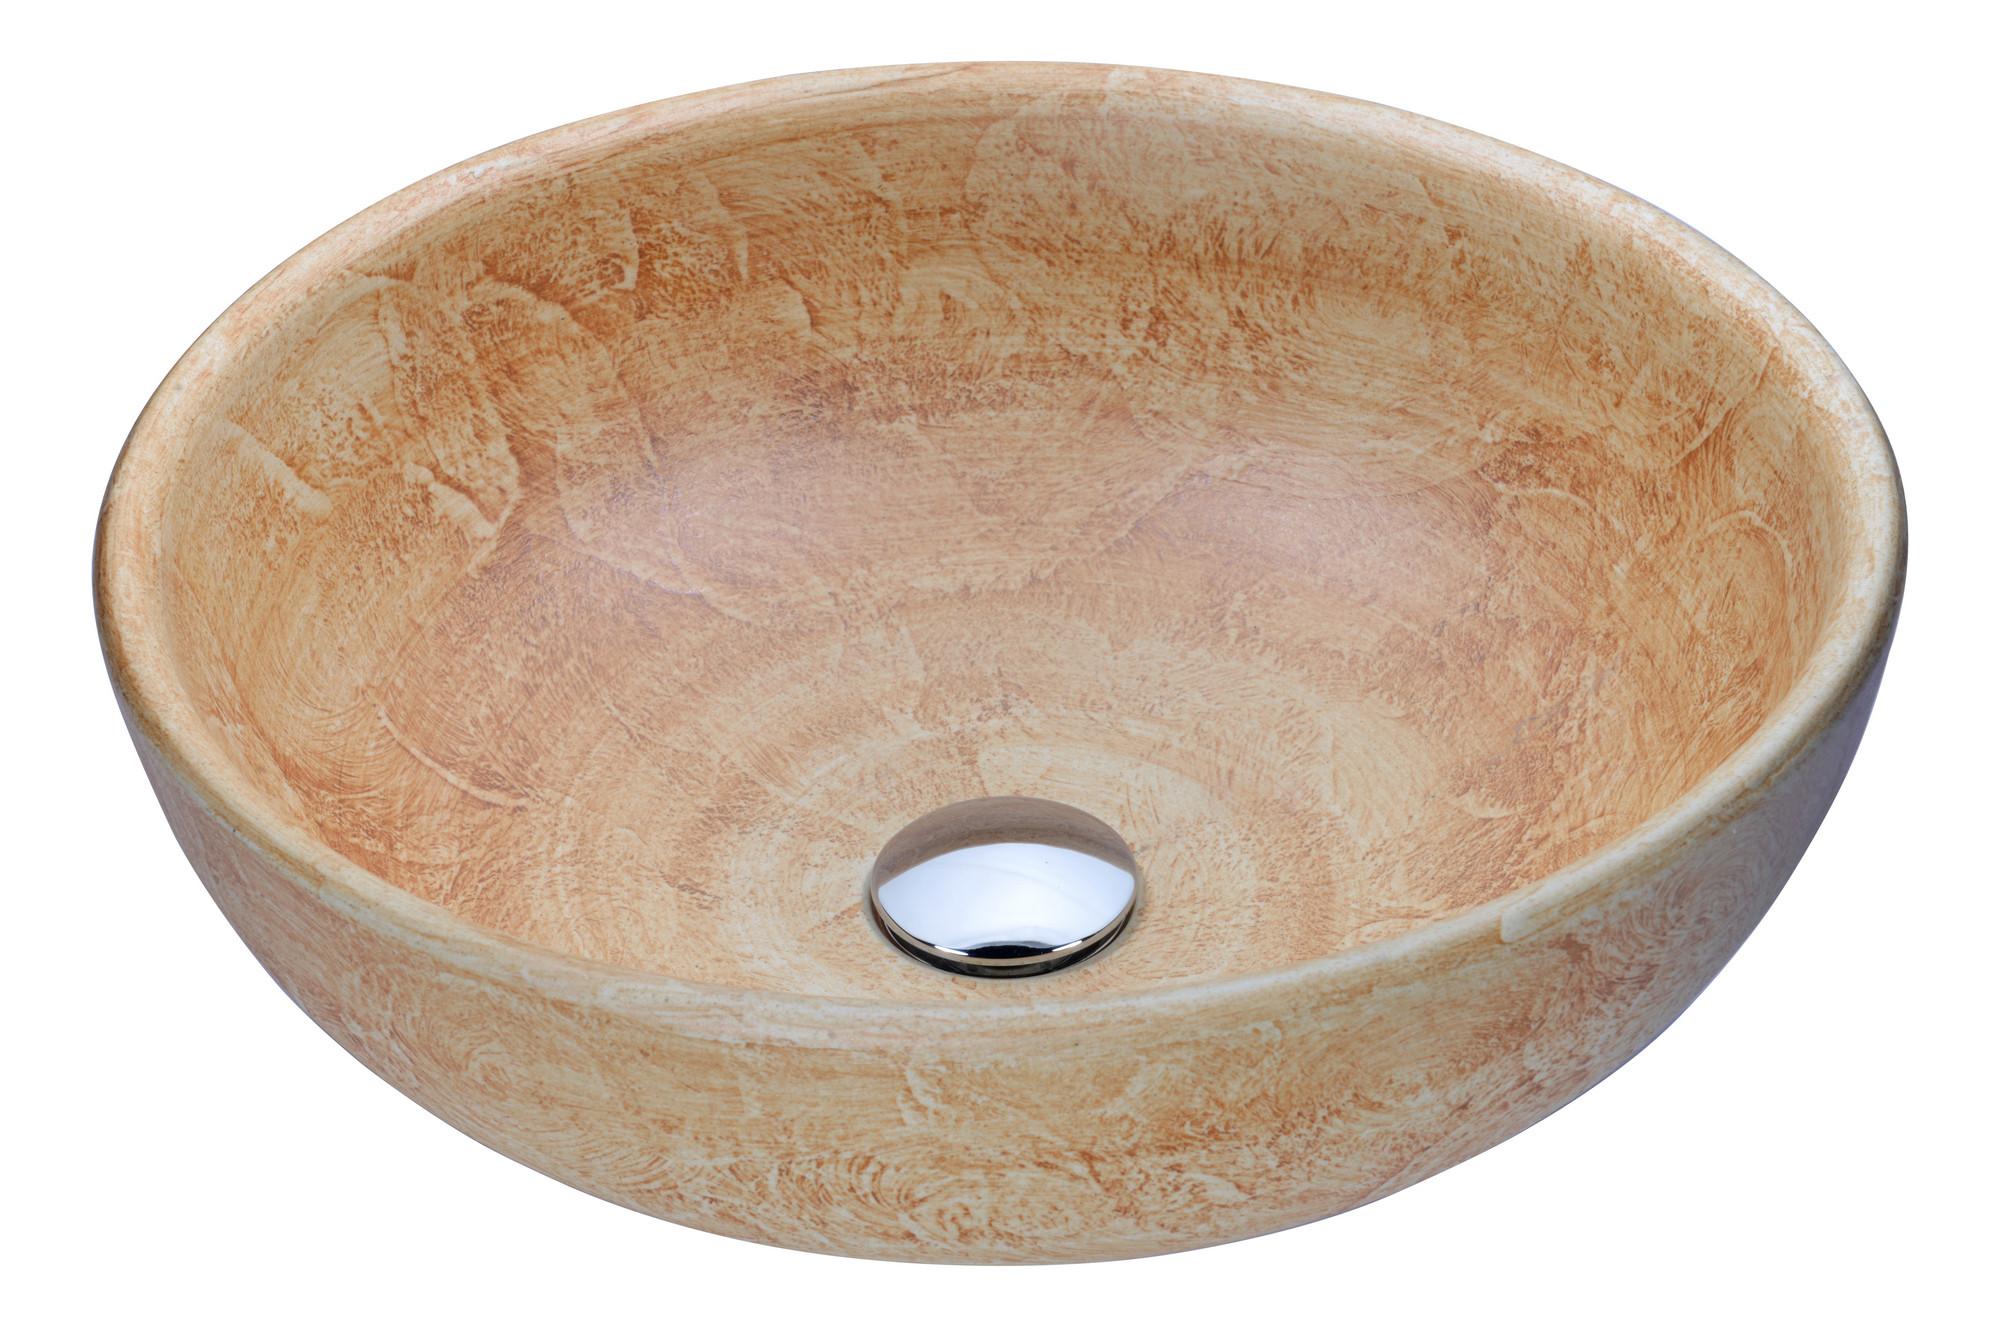 ANZZI LS-AZ184 Earthen Series Deco-Glass Vessel Sink In Creamy Beige